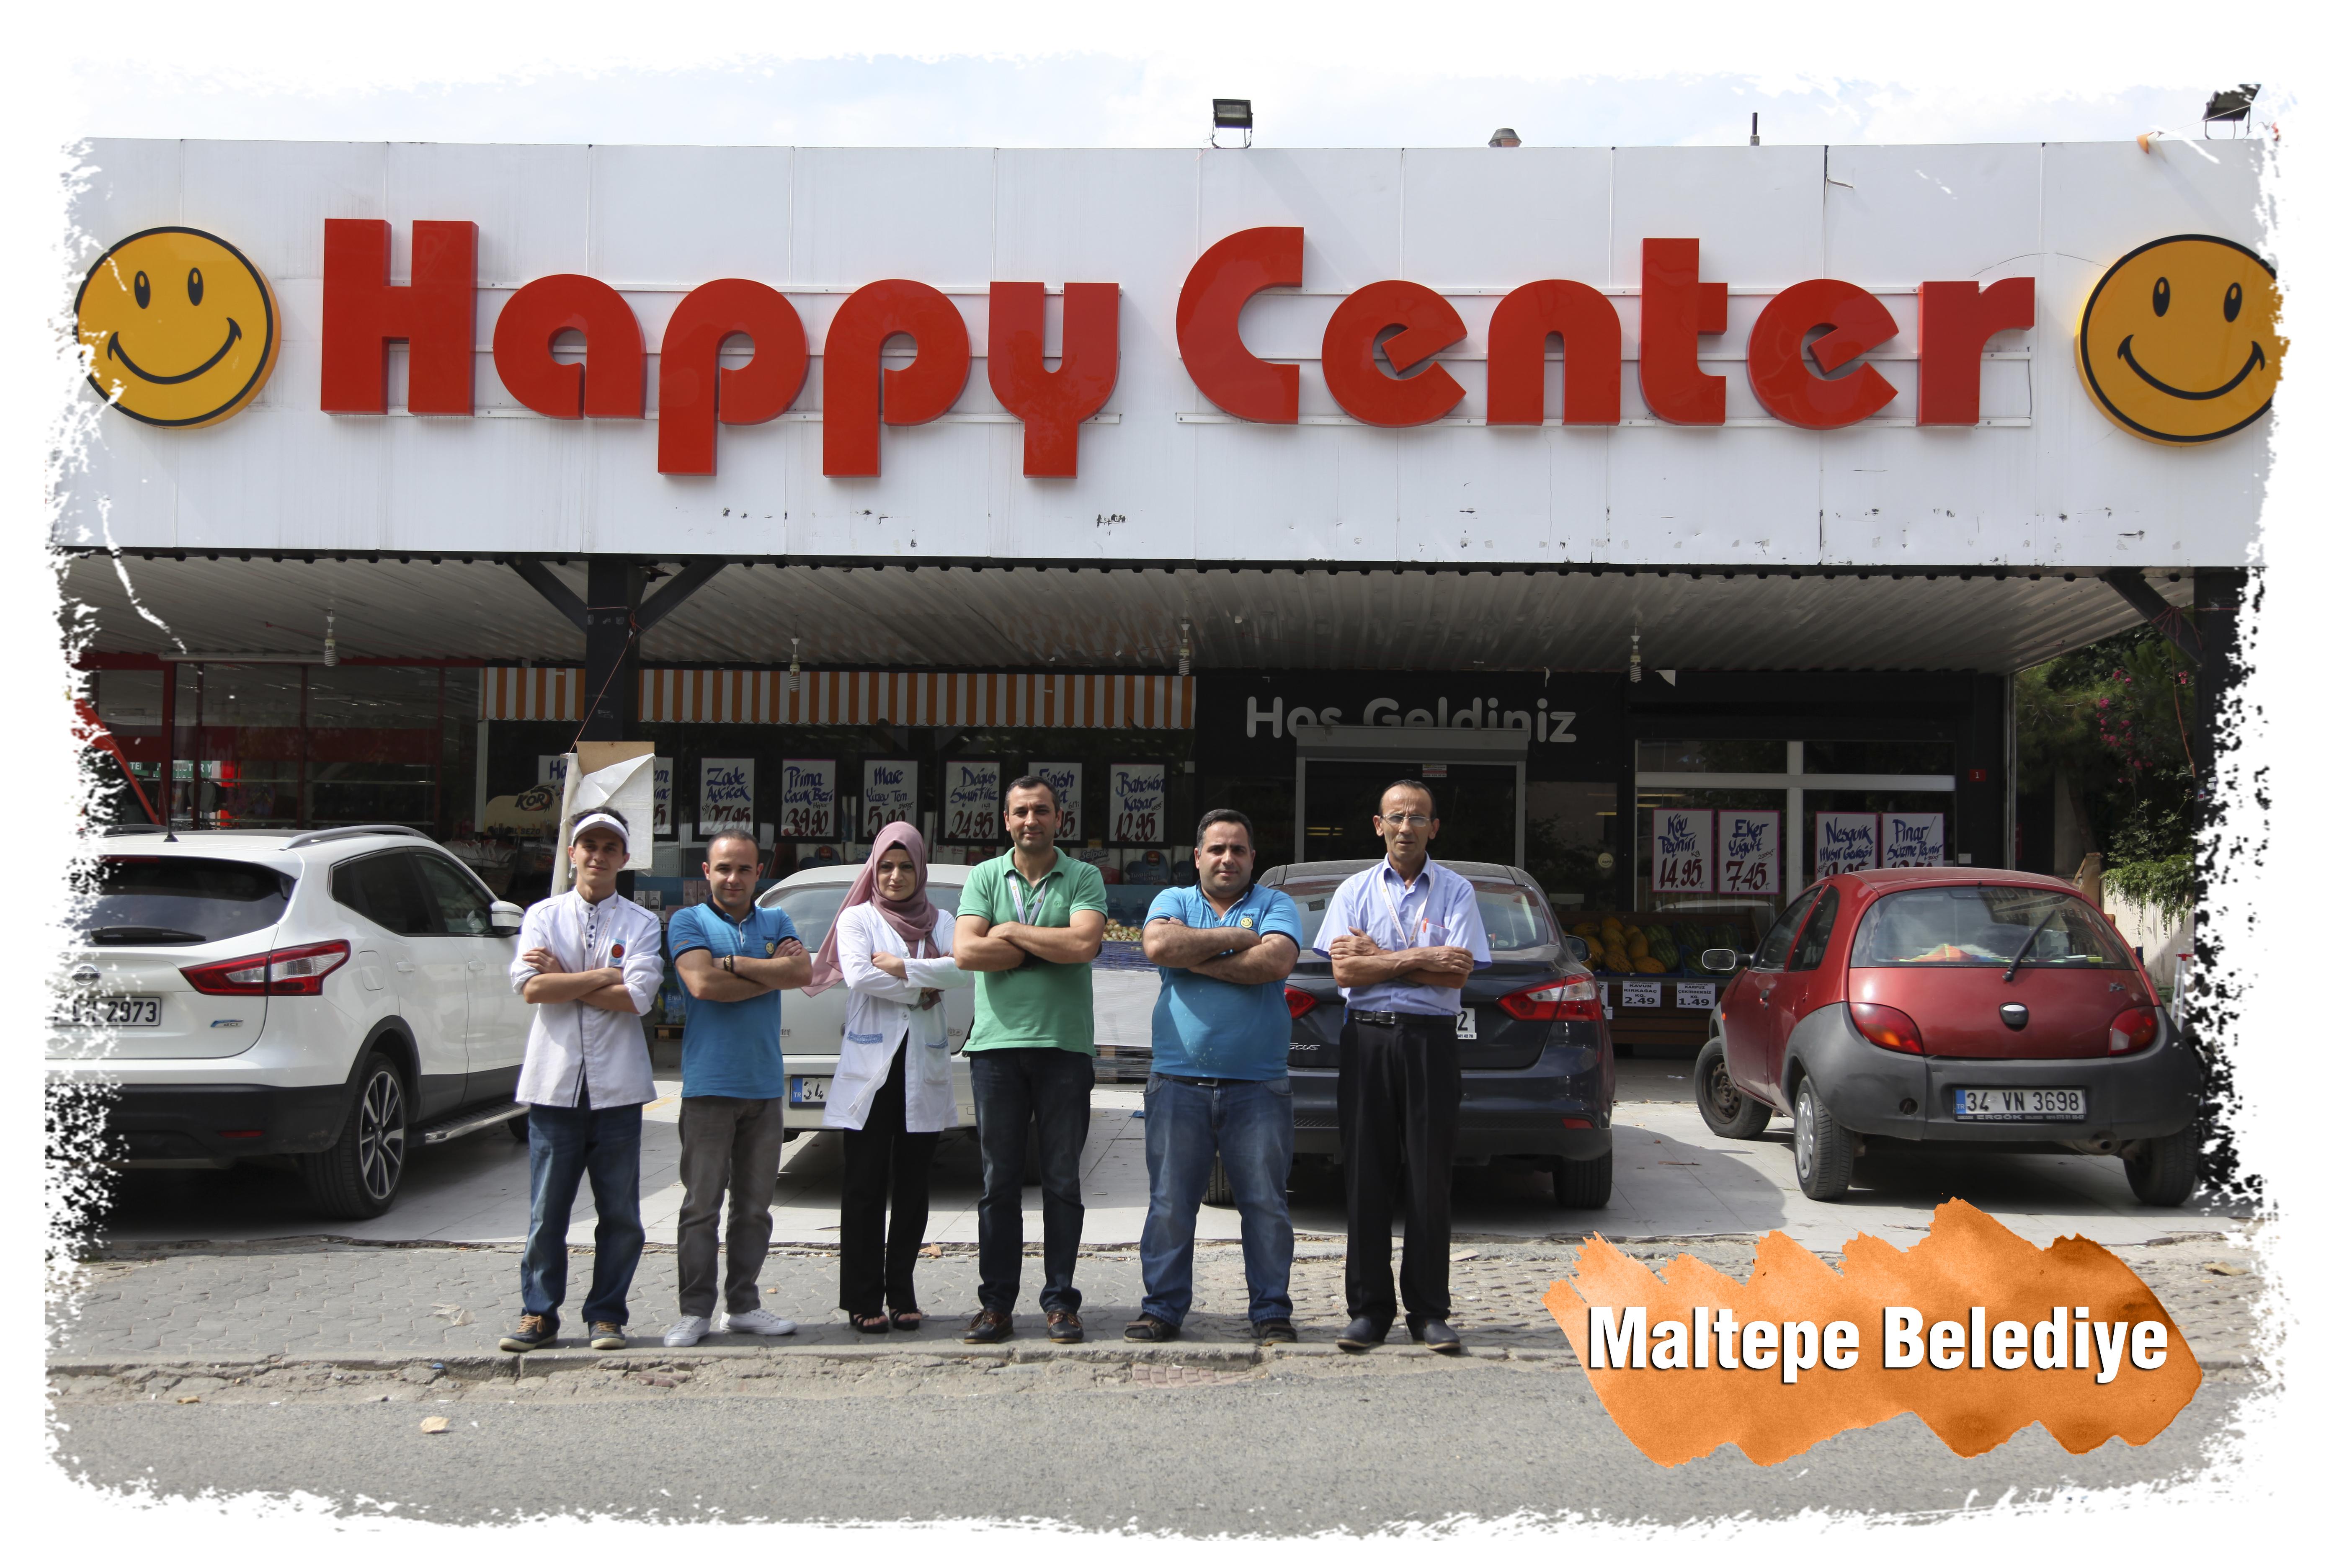 Maltepe Belediye - 2